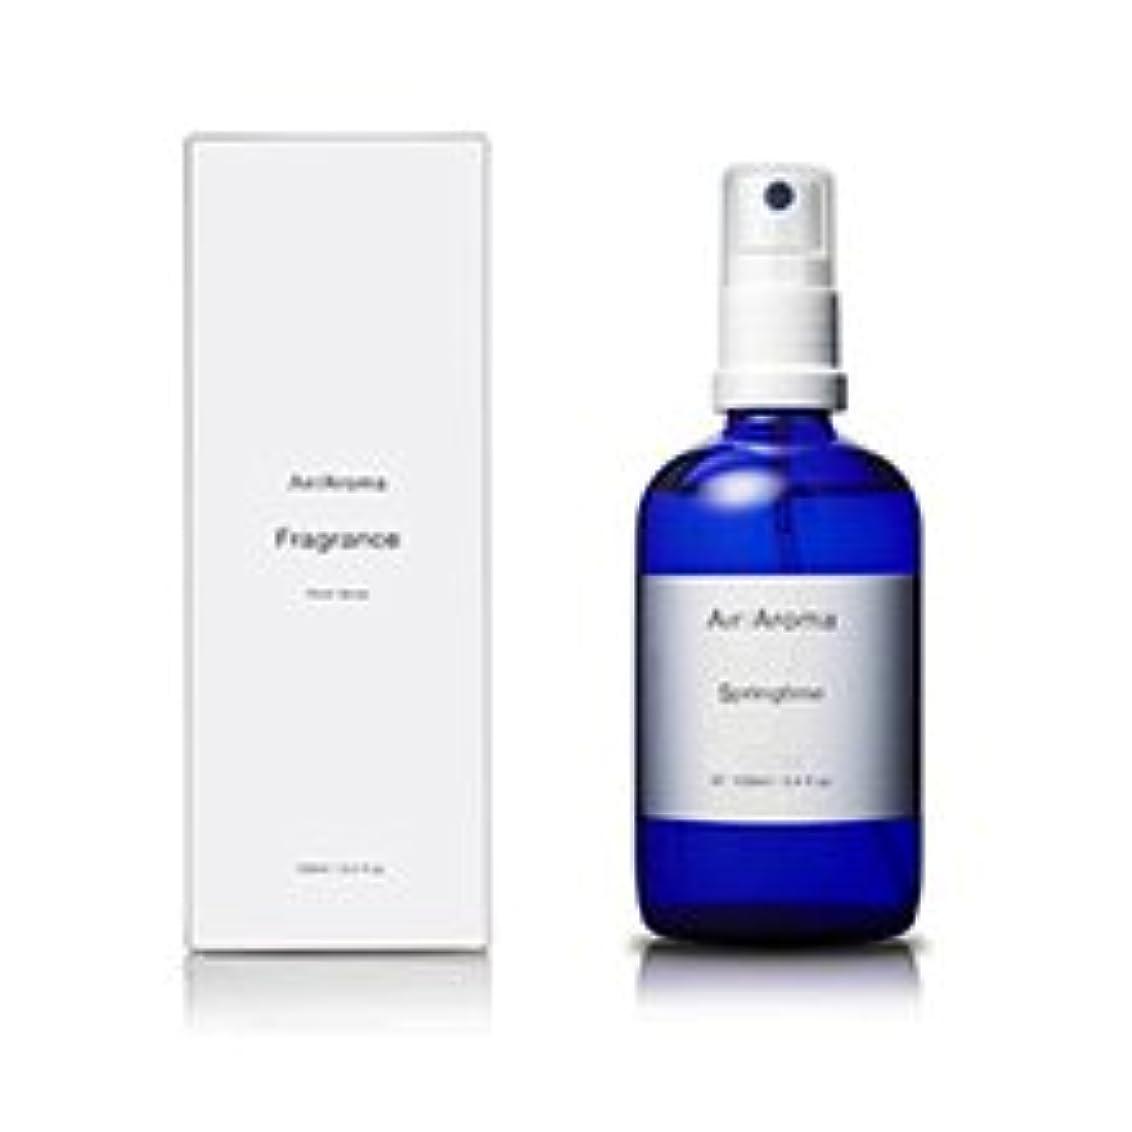 警察署冬危機エアアロマ springtime room fragrance(スプリングタイム ルームフレグランス)100ml